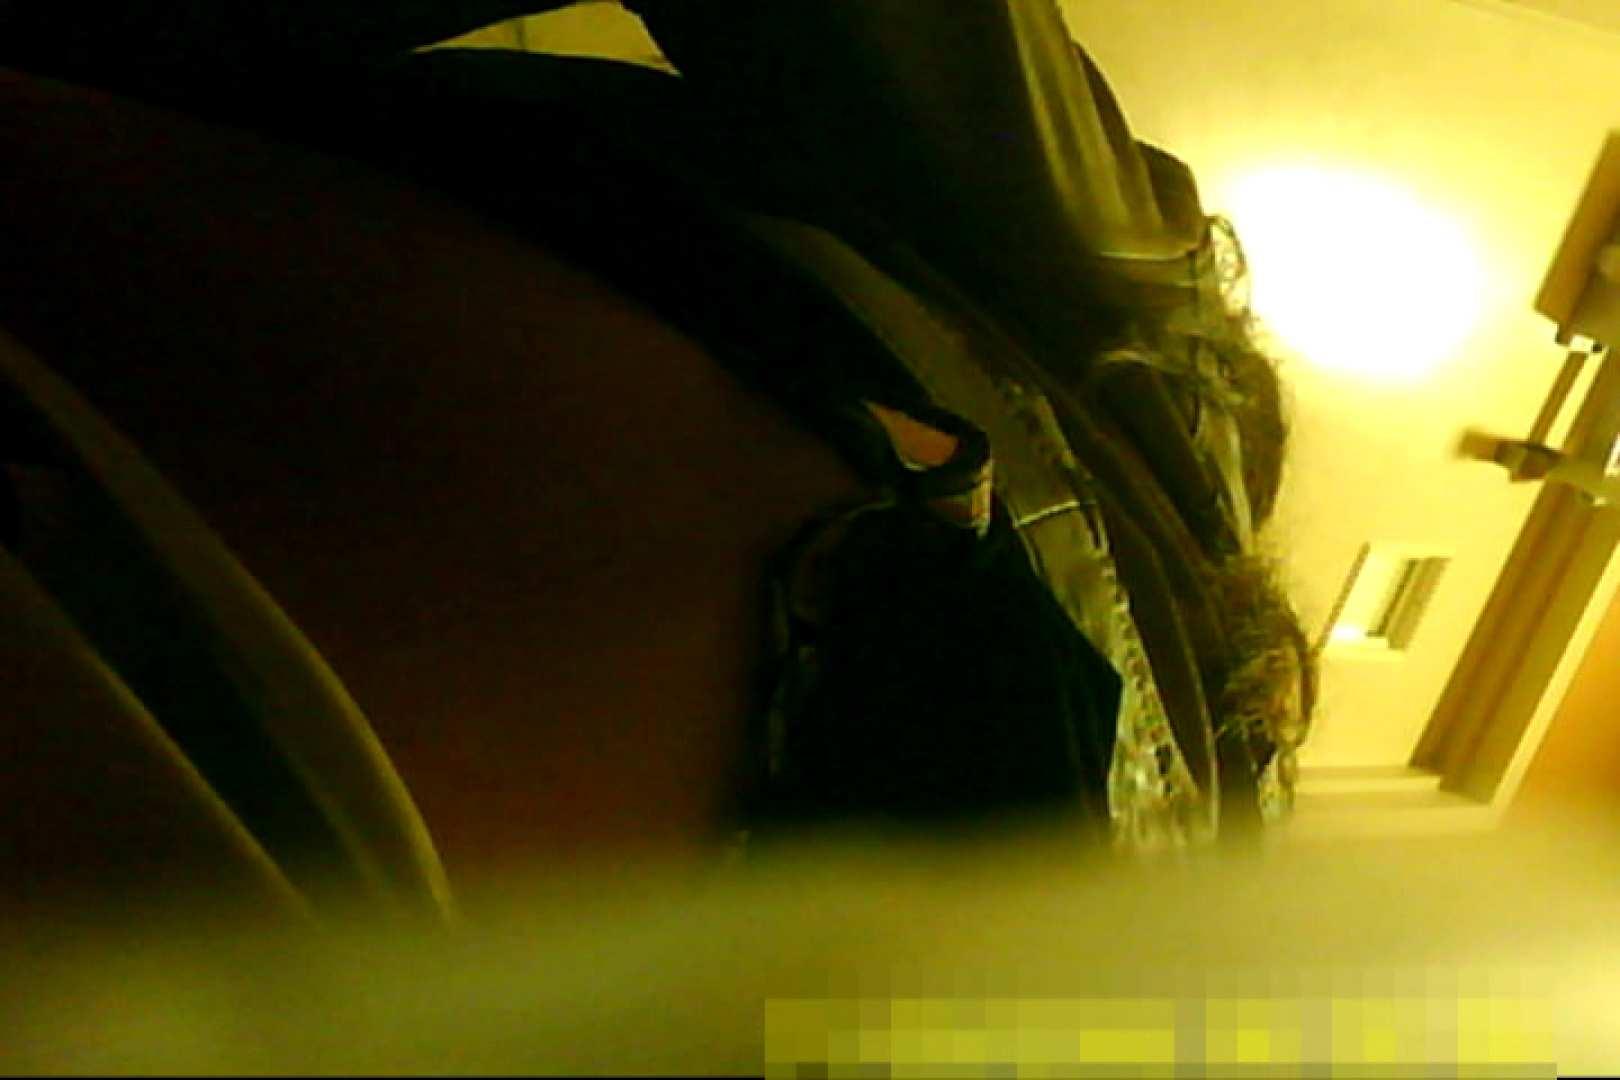 魅惑の化粧室~禁断のプライベート空間~31 盗撮  89pic 20